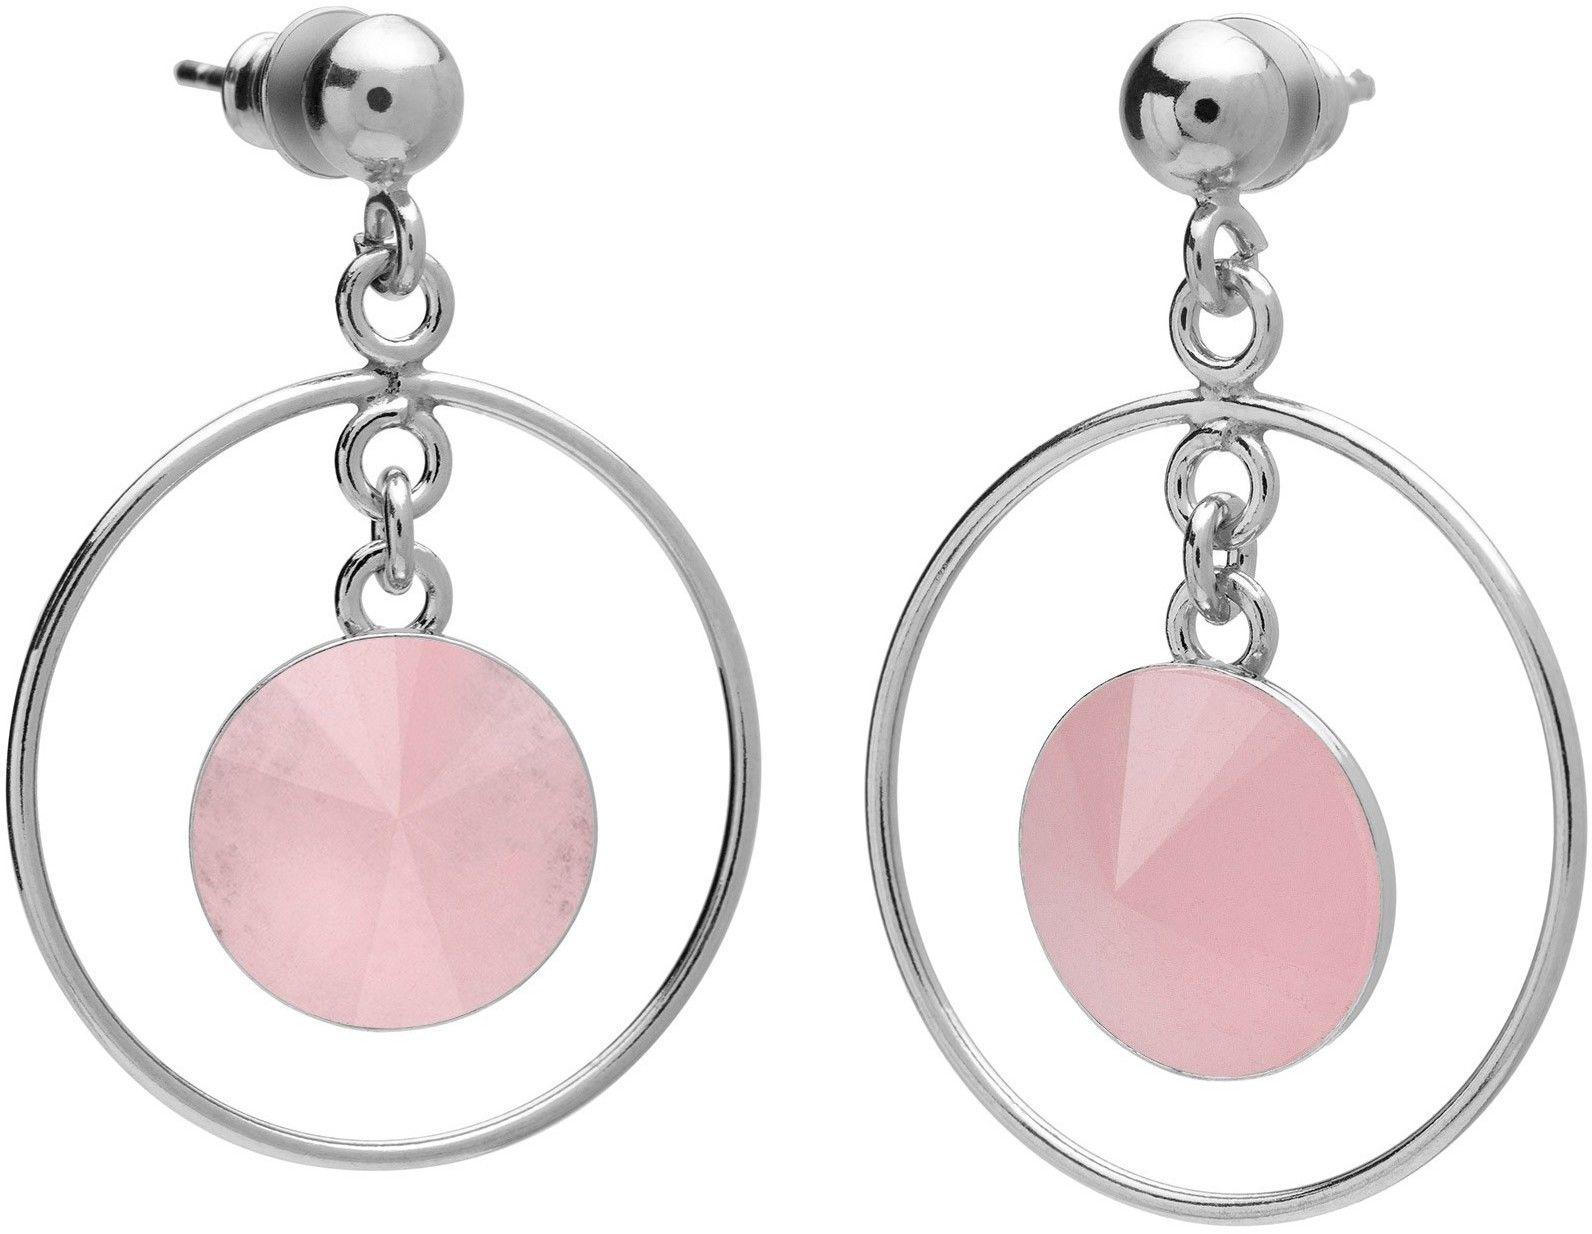 Okrągłe kolczyki z kwarcem, srebro 925 : Kamienie naturalne - kolor - kwarc różowy, Srebro - kolor pokrycia - Pokrycie platyną